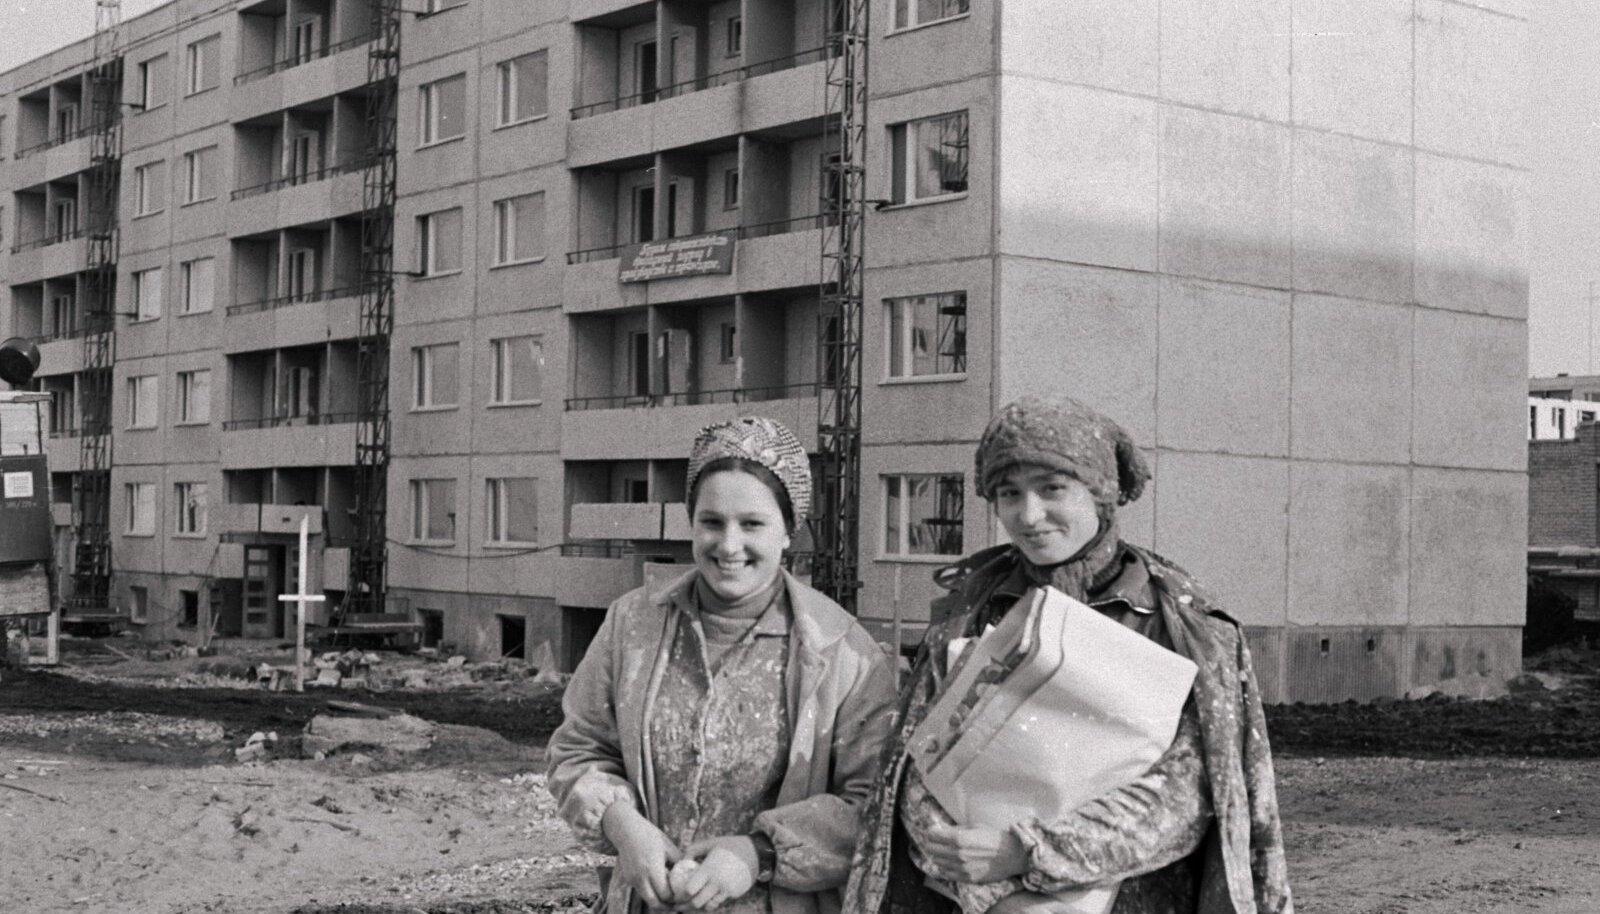 """Lasnamäe I mikrorajooni hakati ehitama 1973. aastal. Esialgu ehitati vanamoodsamaid paneelmaju, hiljem tulid uued """"brežnevkad""""."""